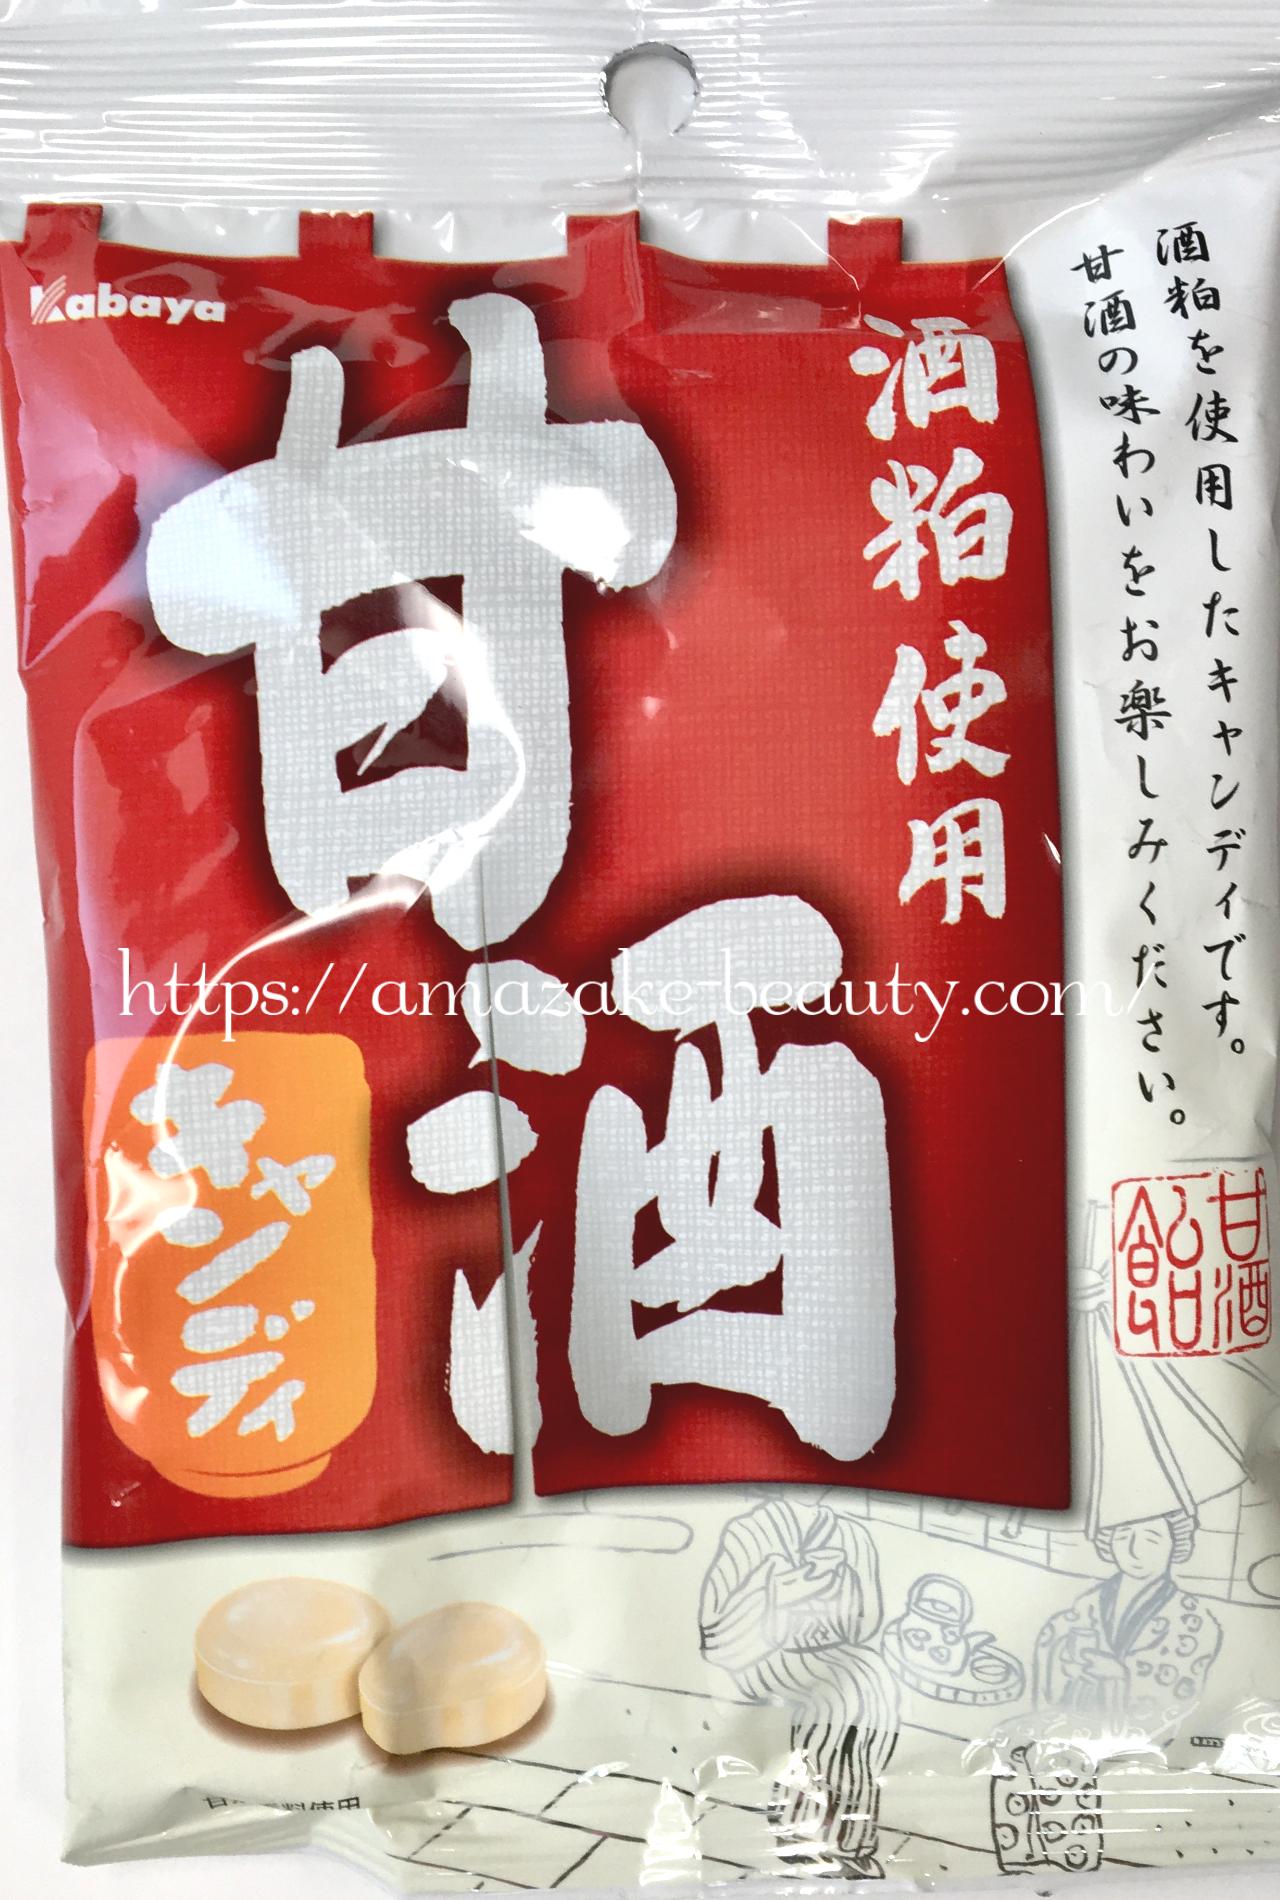 [amazake sweets]kabaya shokuhin[amazake kyandei](design)